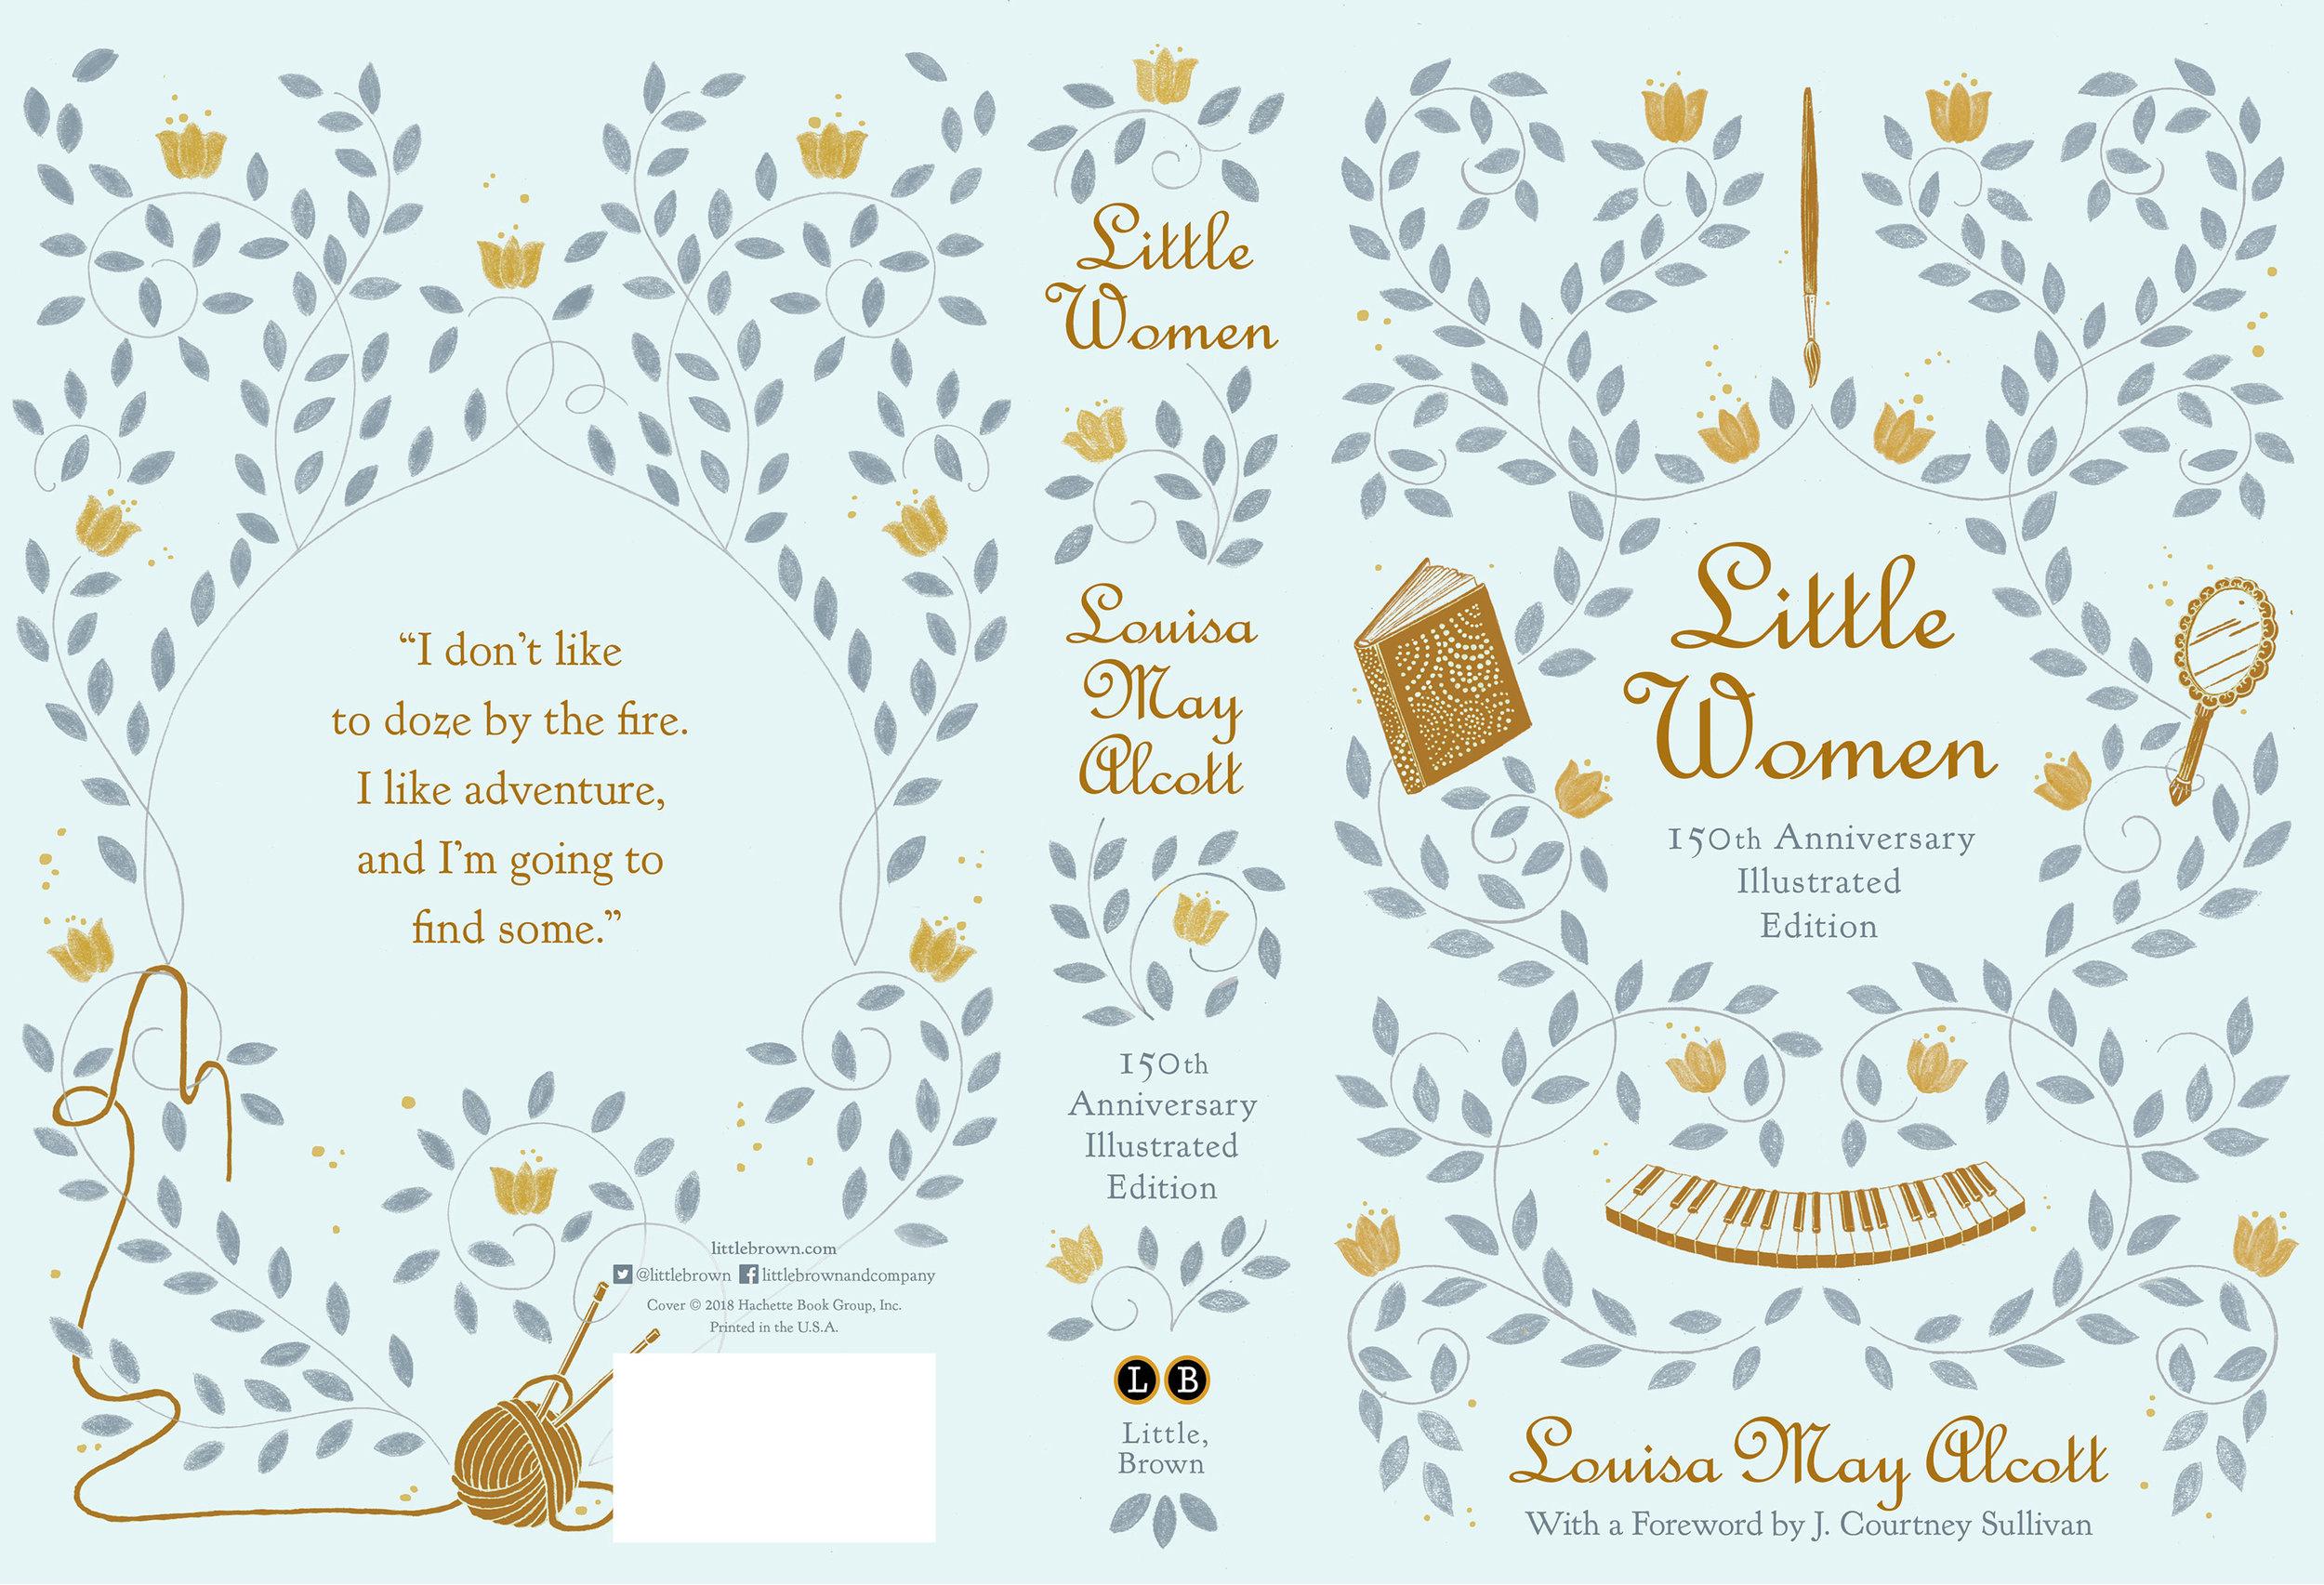 little women Book Cover_Shreya Gupta.jpg